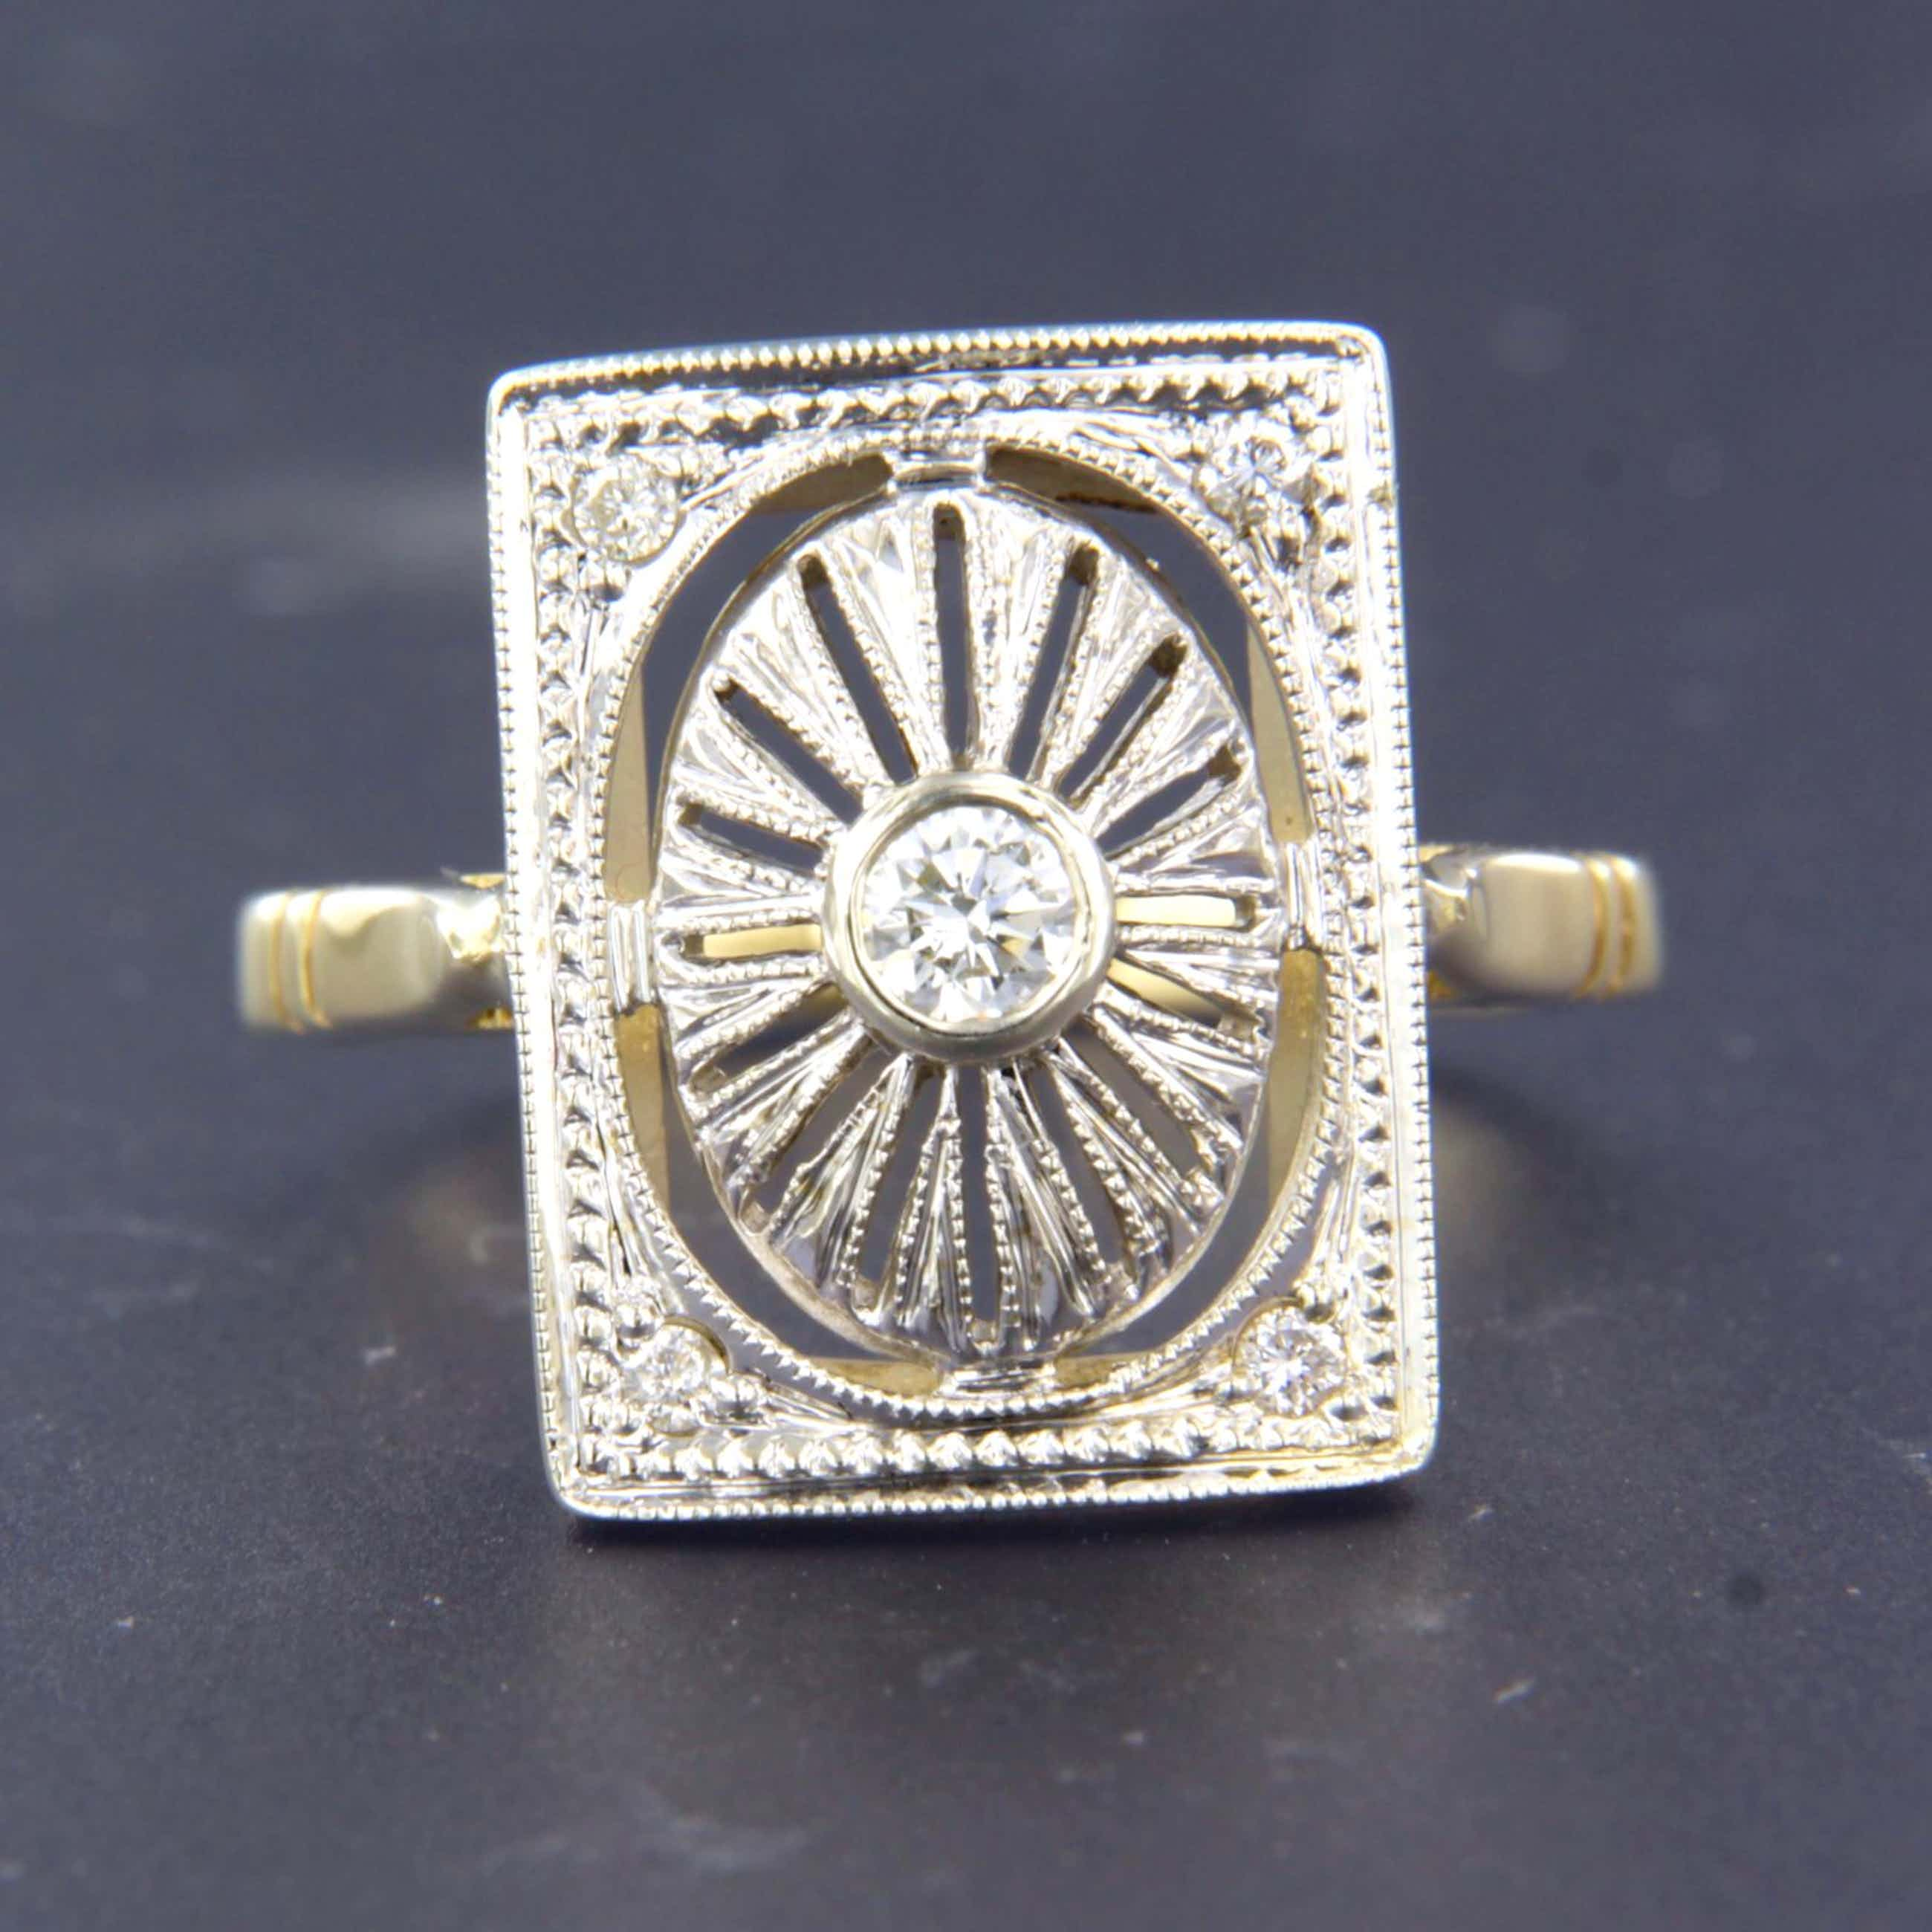 14K Goud - wit en geel goud ring met diamant - ringmaat 17.5 (55) kopen? Bied vanaf 225!